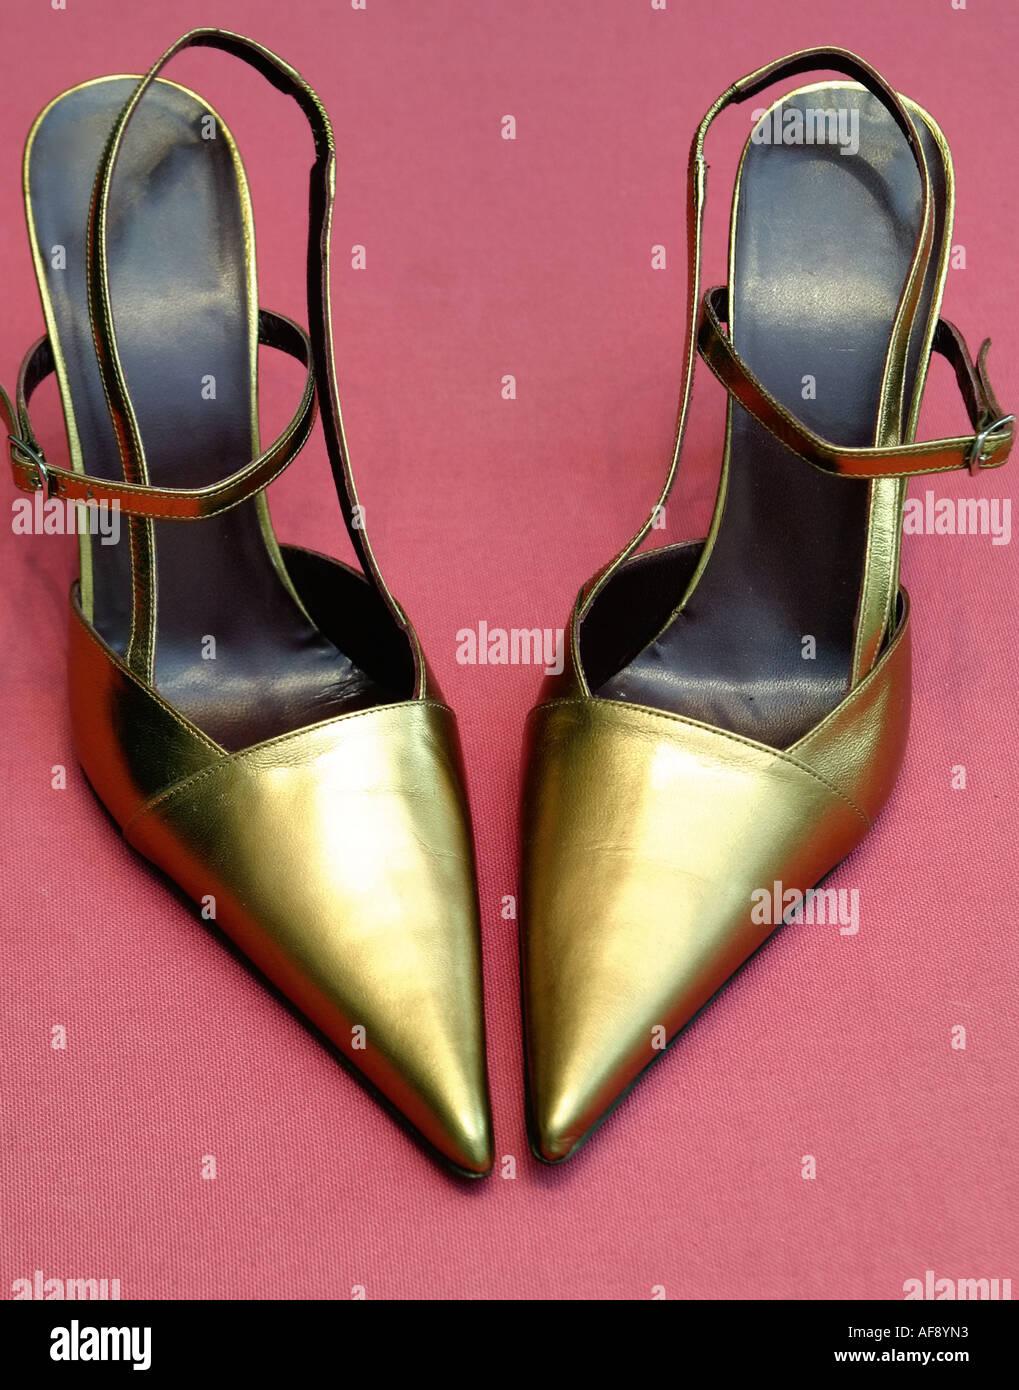 dc4a9f3a9cde Spitze Schuhe Stockfotos   Spitze Schuhe Bilder - Alamy